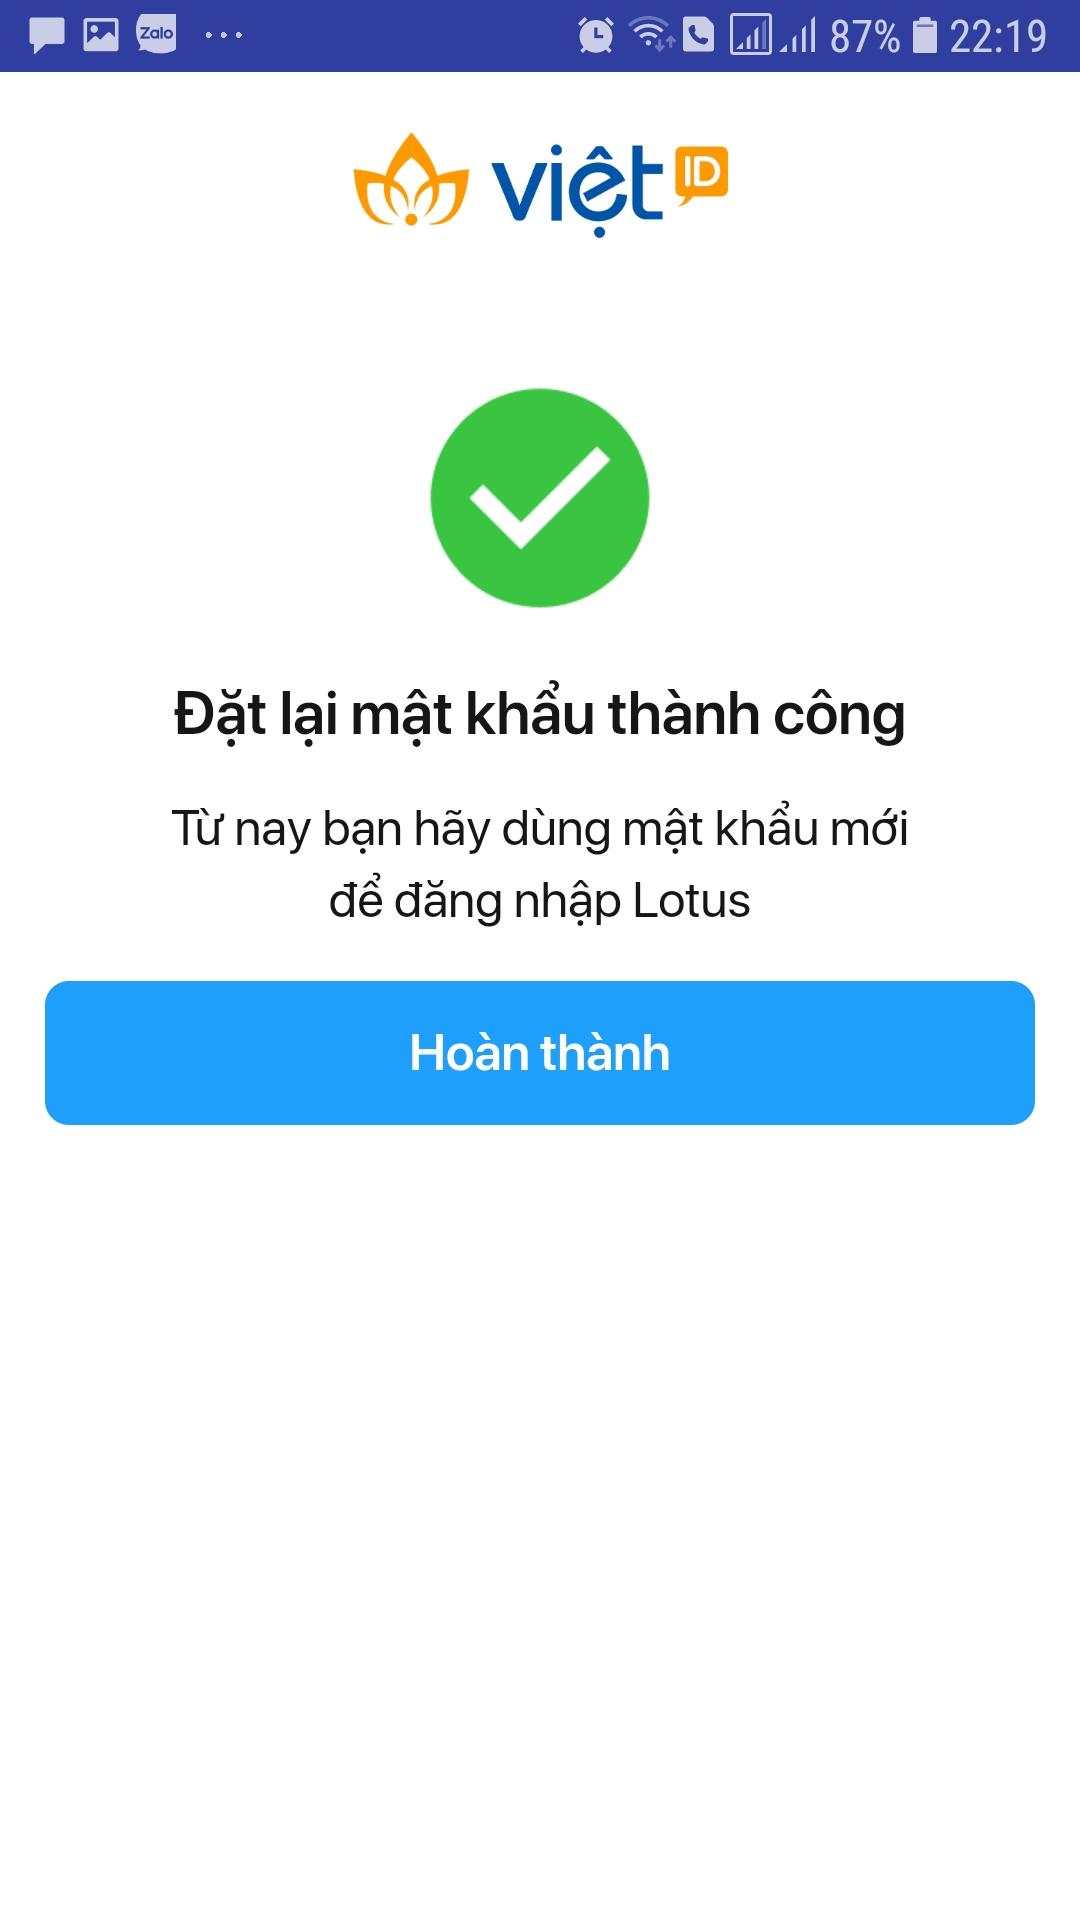 Them-mat-khau-vao-mang-xa-hoi-lotus